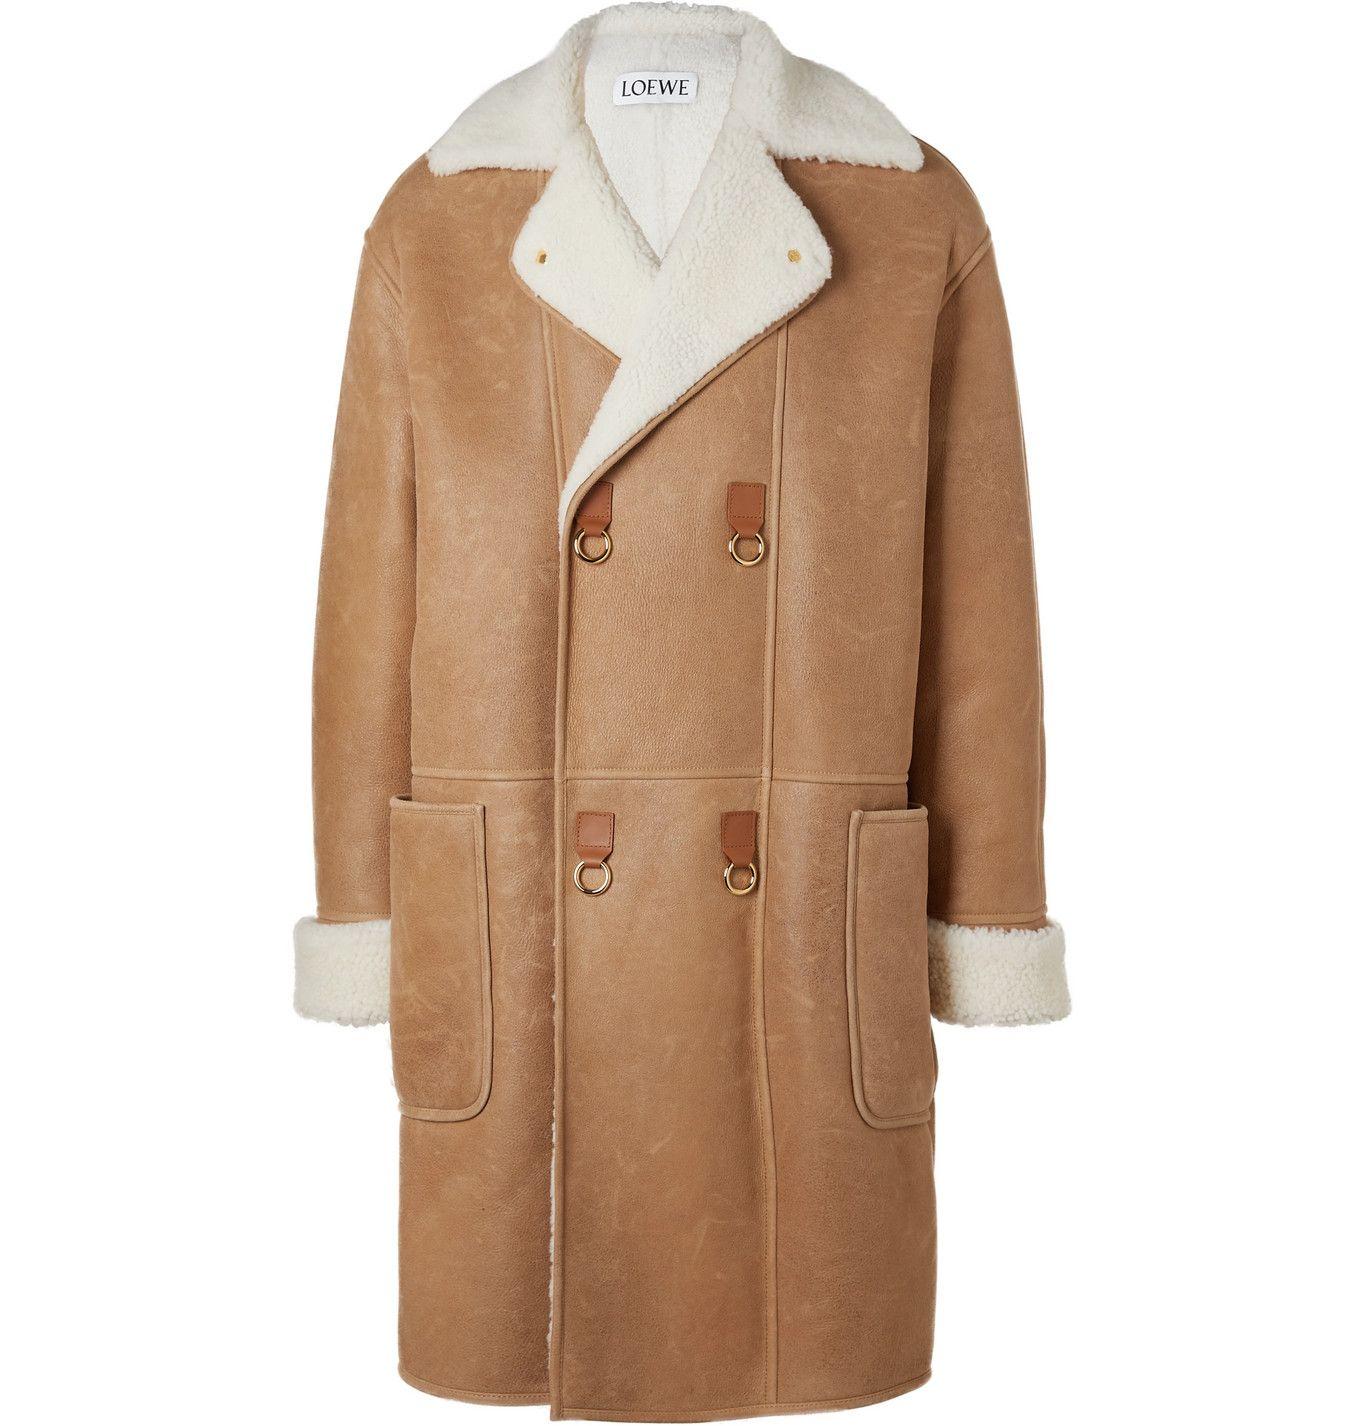 Brown Double Breasted Shearling Coat Loewe In 2020 Mens Shearling Jacket Mens Designer Coats Mens Shearling Coat [ 1426 x 1365 Pixel ]